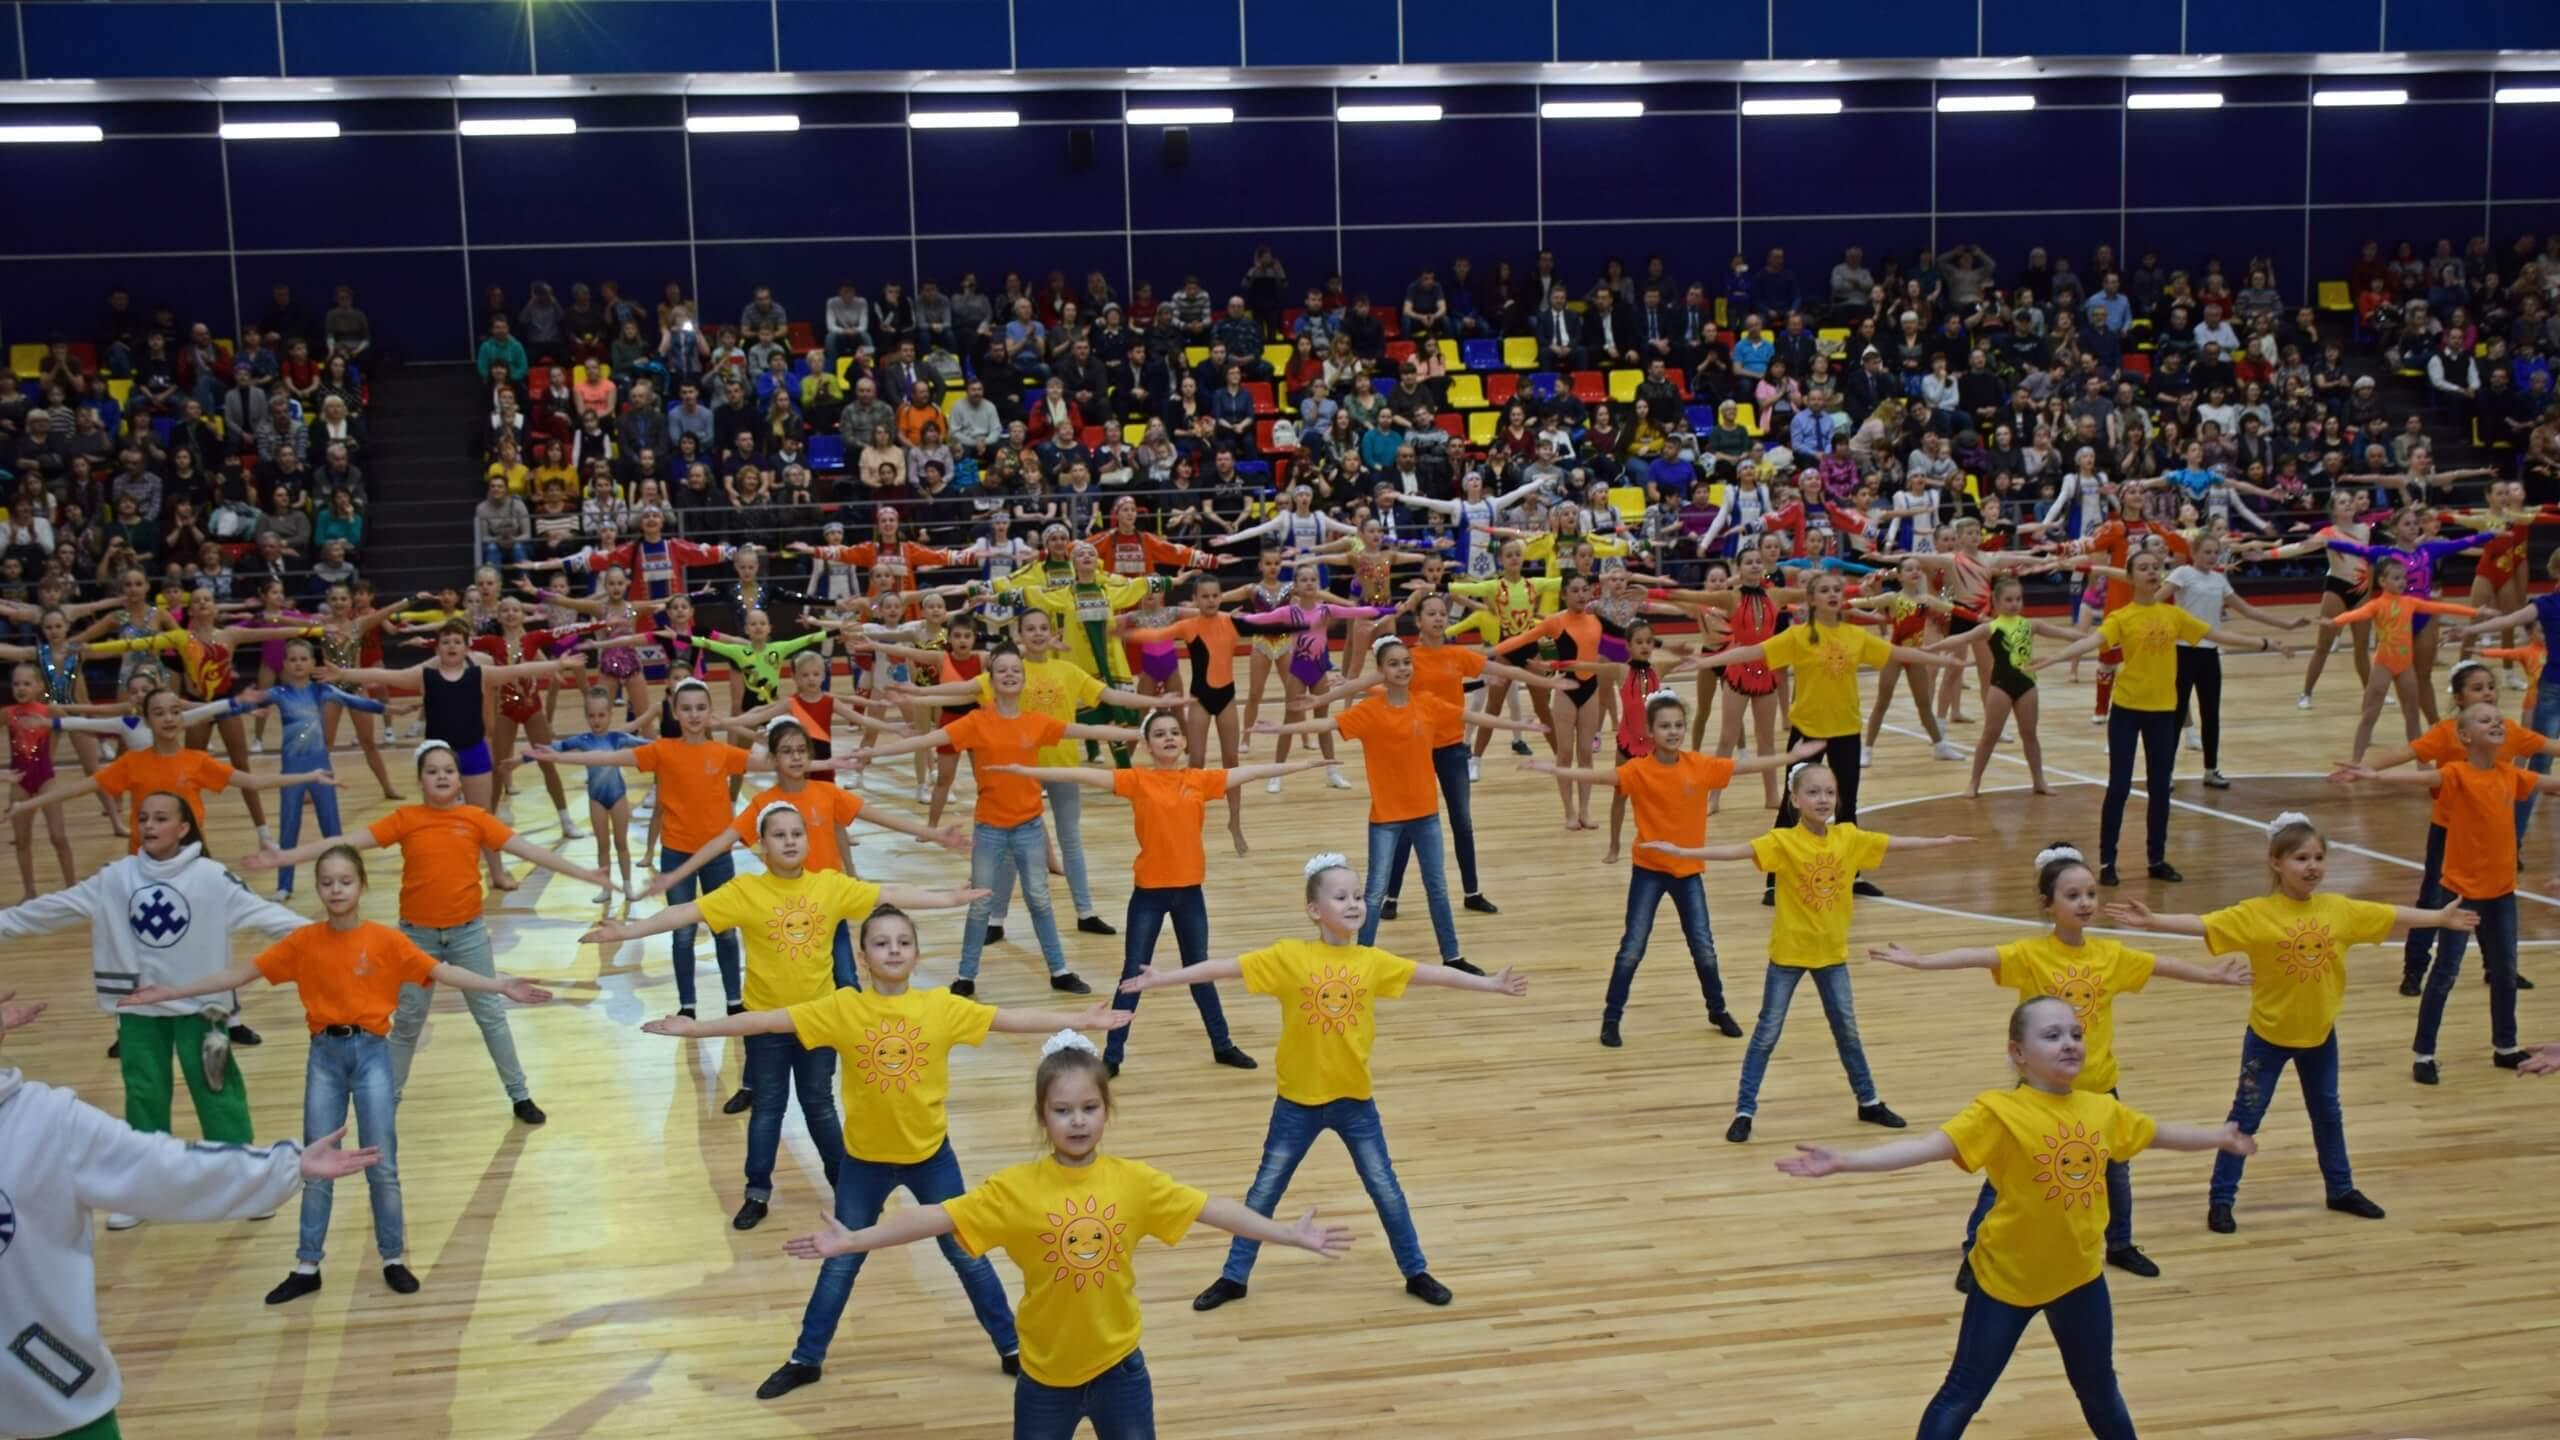 Открытие физкультурно-спортивного комплекса в Югорске